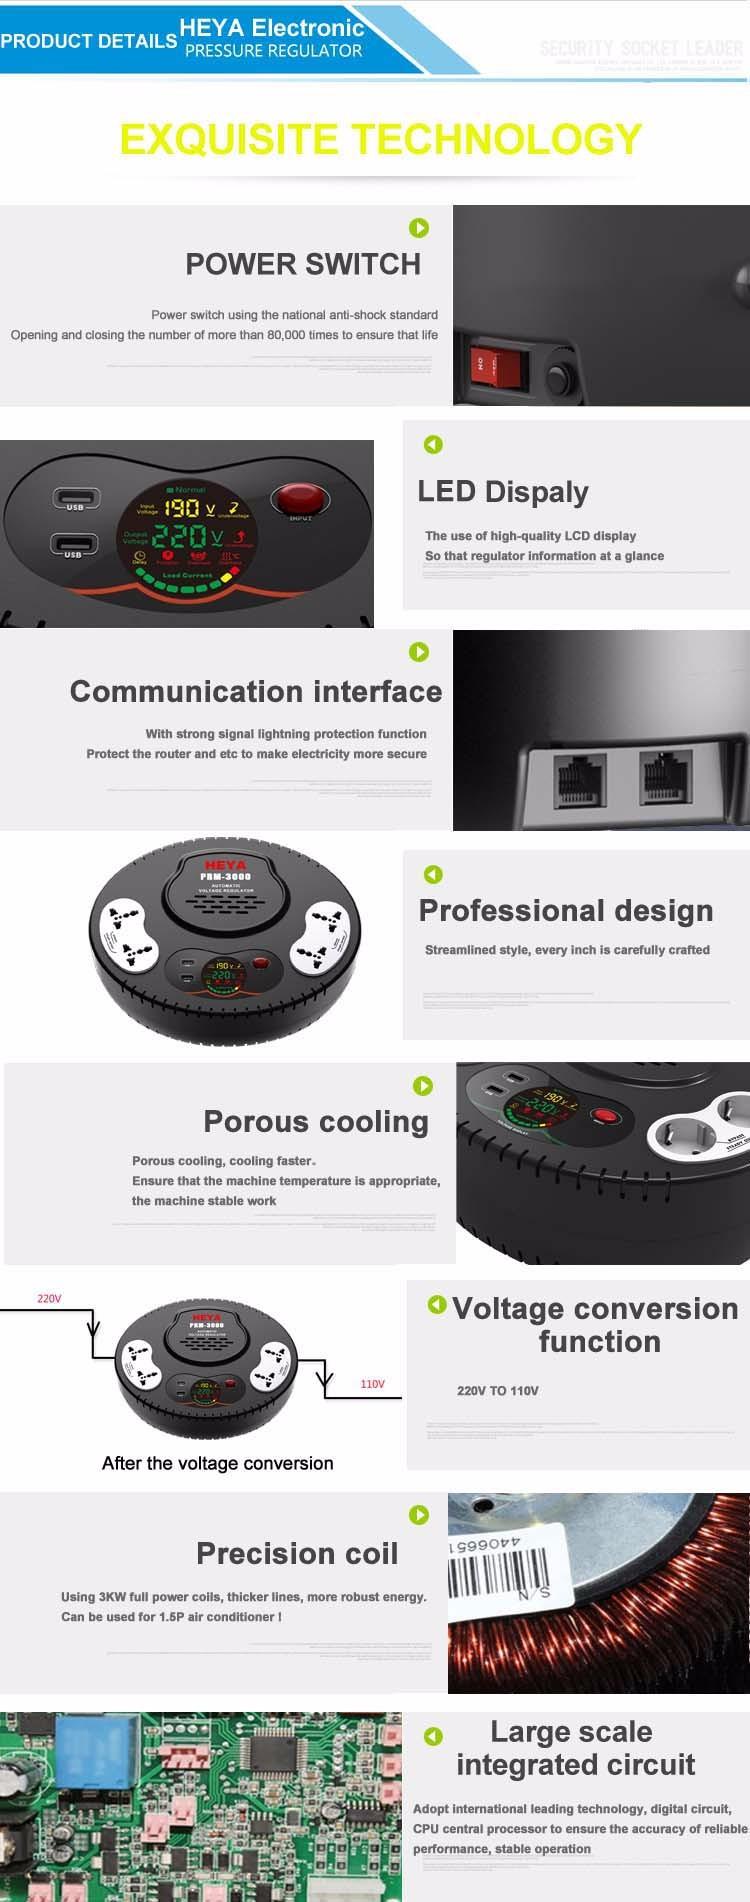 110v 220v Output Ac Voltage Regulator For Refrigerator Air